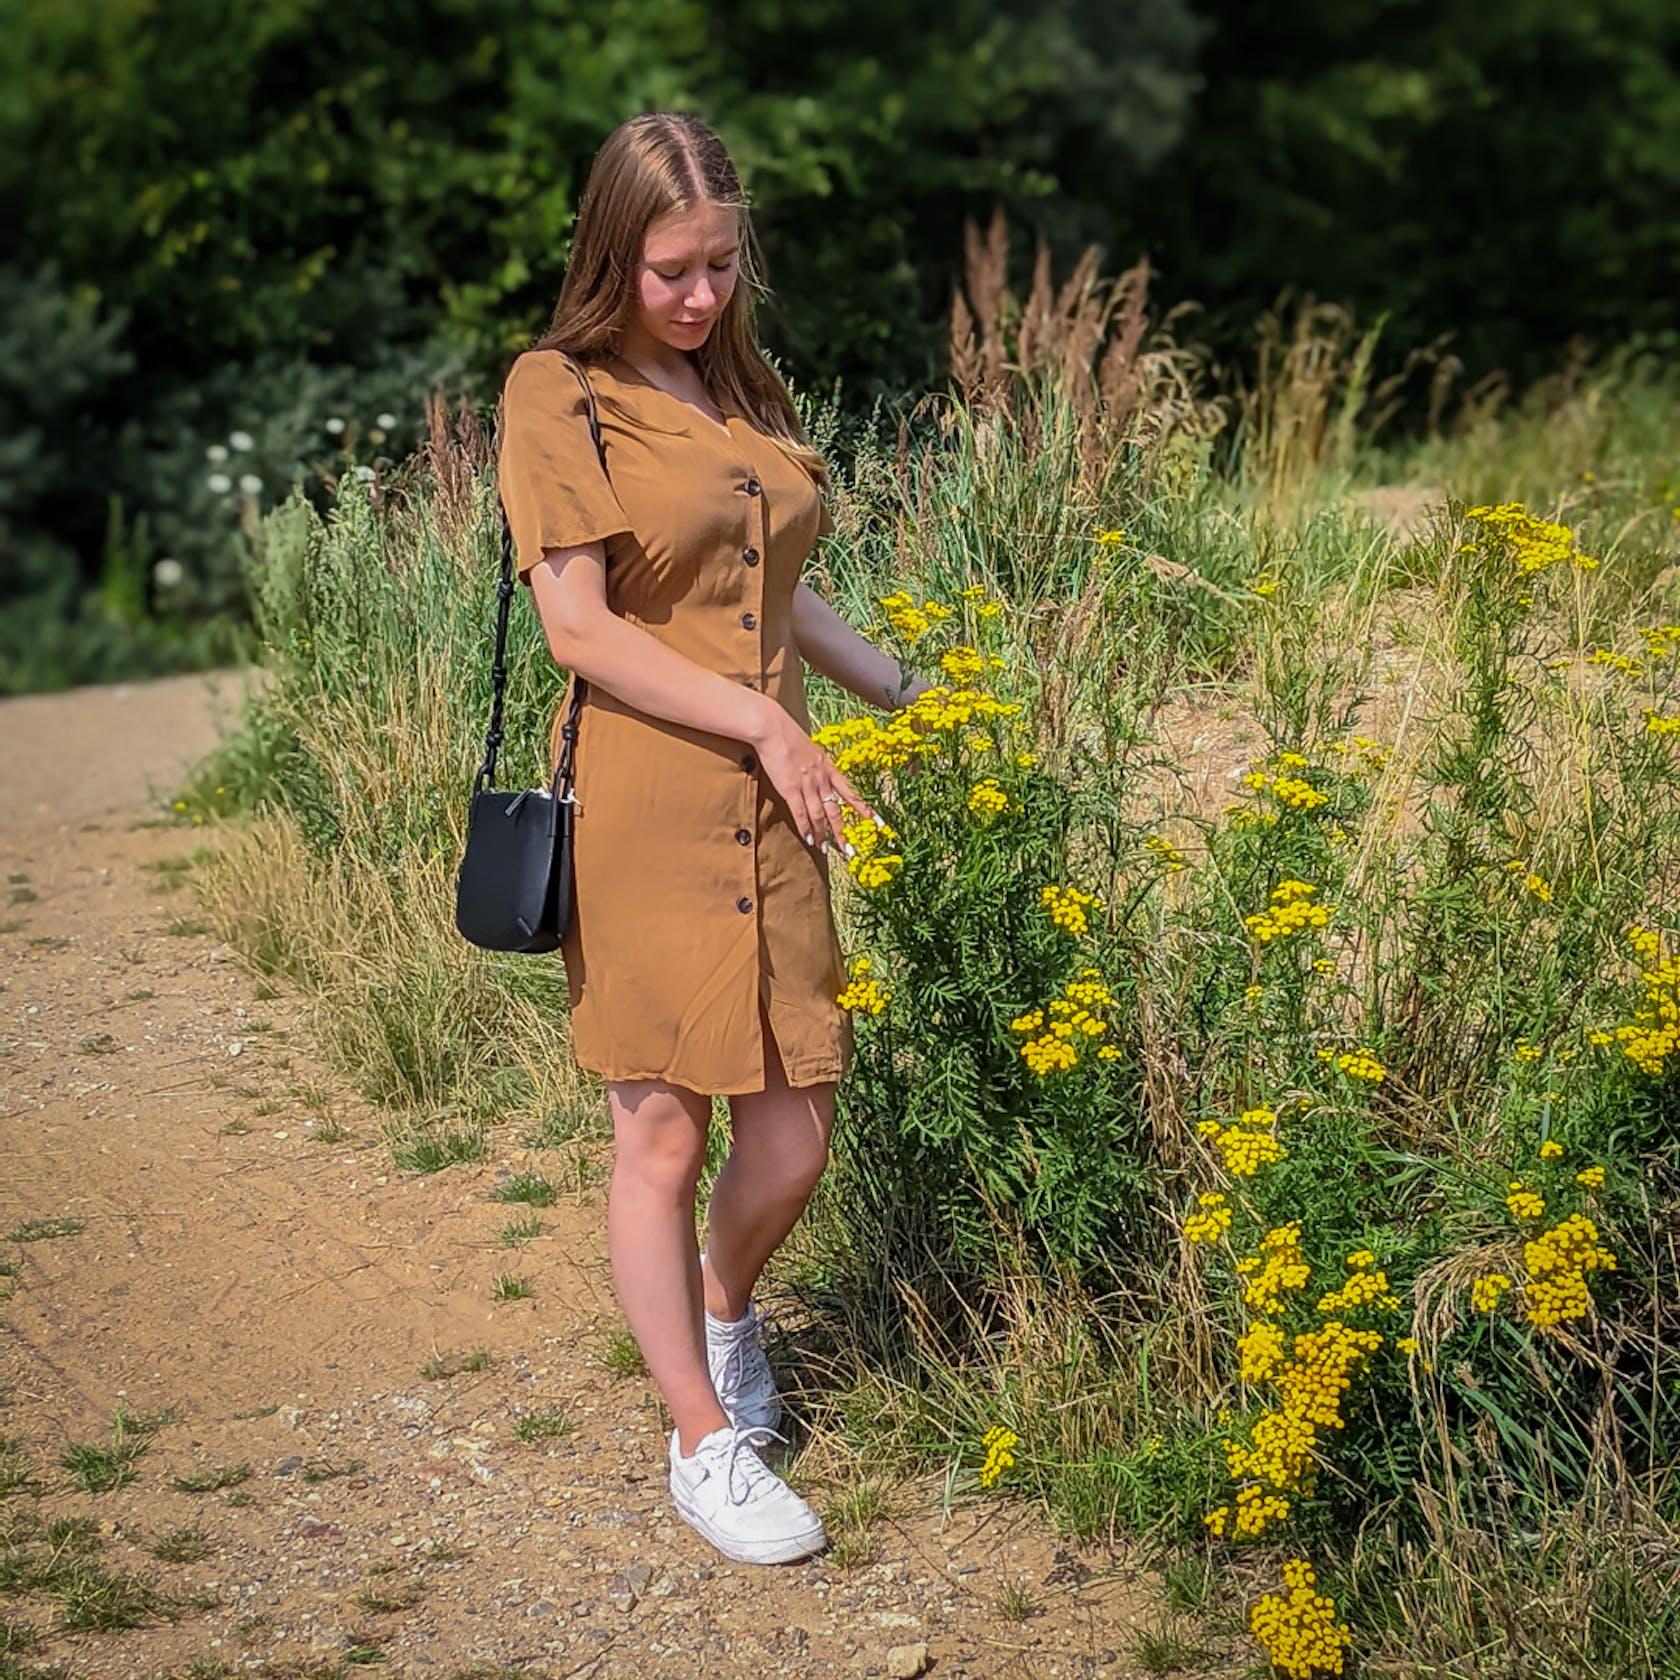 Junge Frau in Sommerkleid geht auf einem Sandweg spazieren